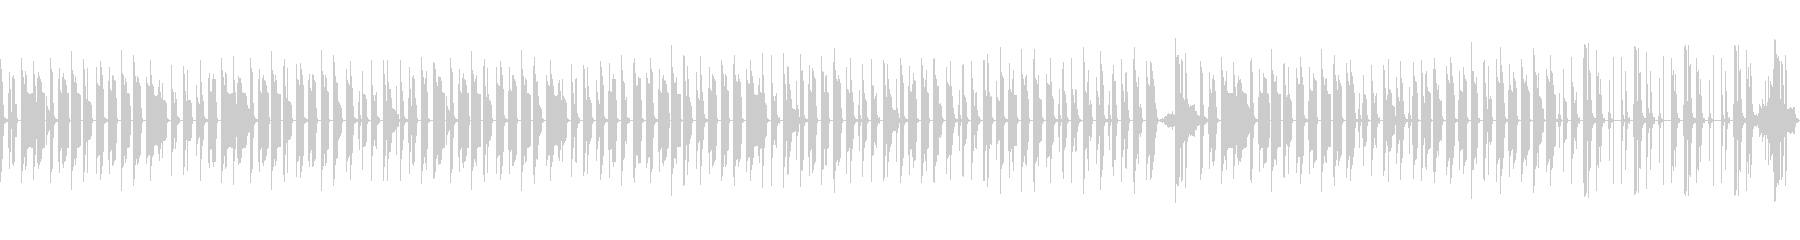 後半が印象的なのんびりBGM(ループ)の未再生の波形